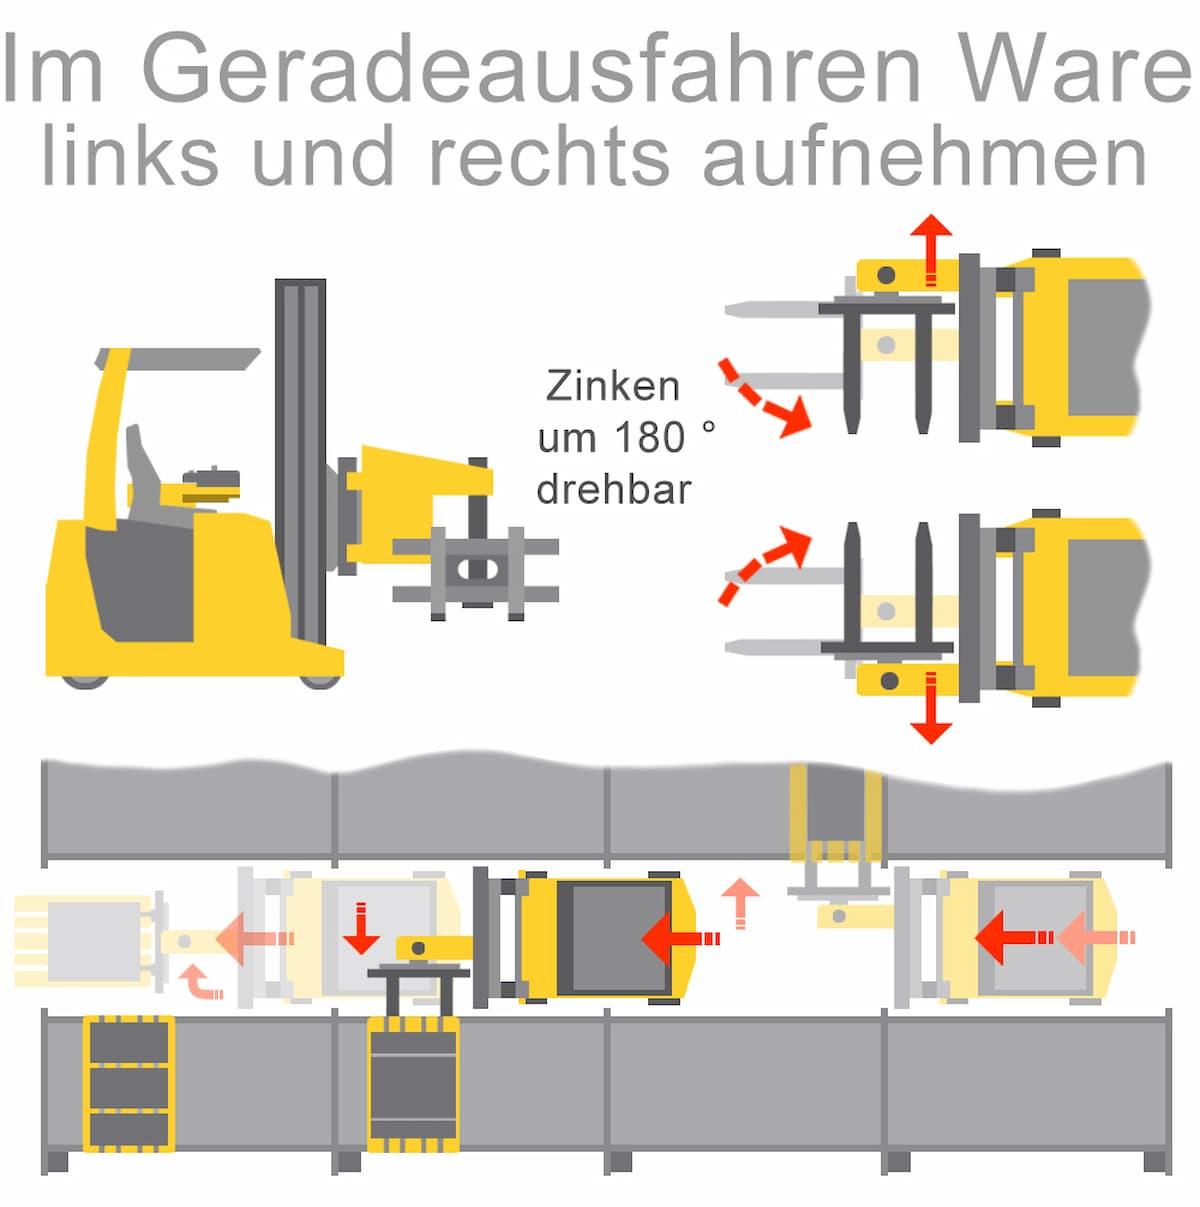 Zweiseitenstapler und Dreisteitenstapler: Waren links und rechts aufnehmen